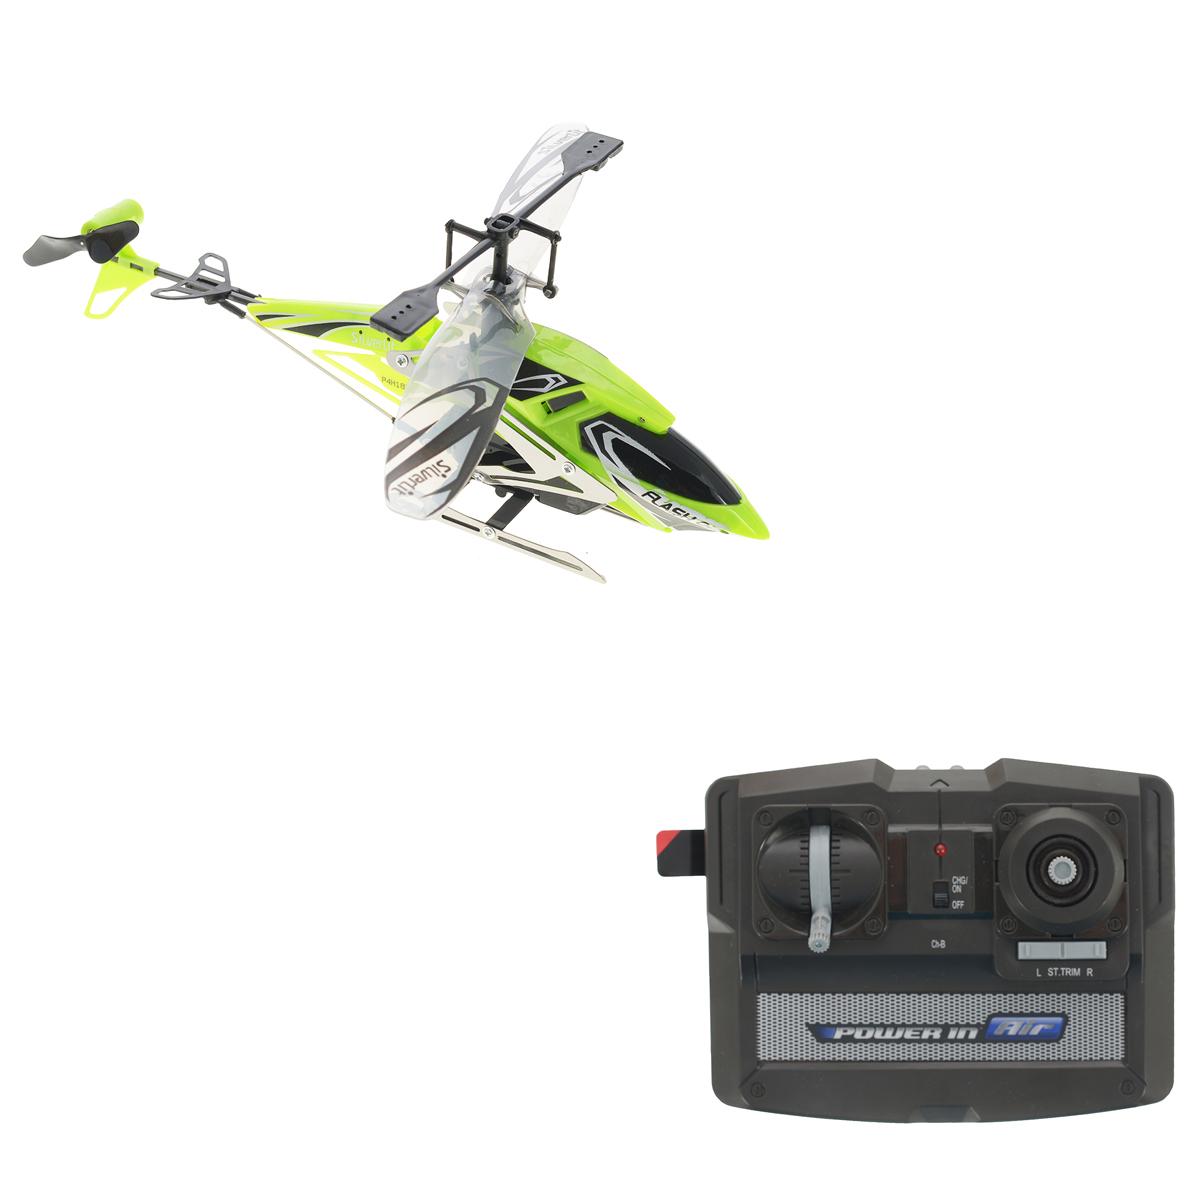 Silverlit Вертолет на радиоуправлении Штурмовик цвет зеленый